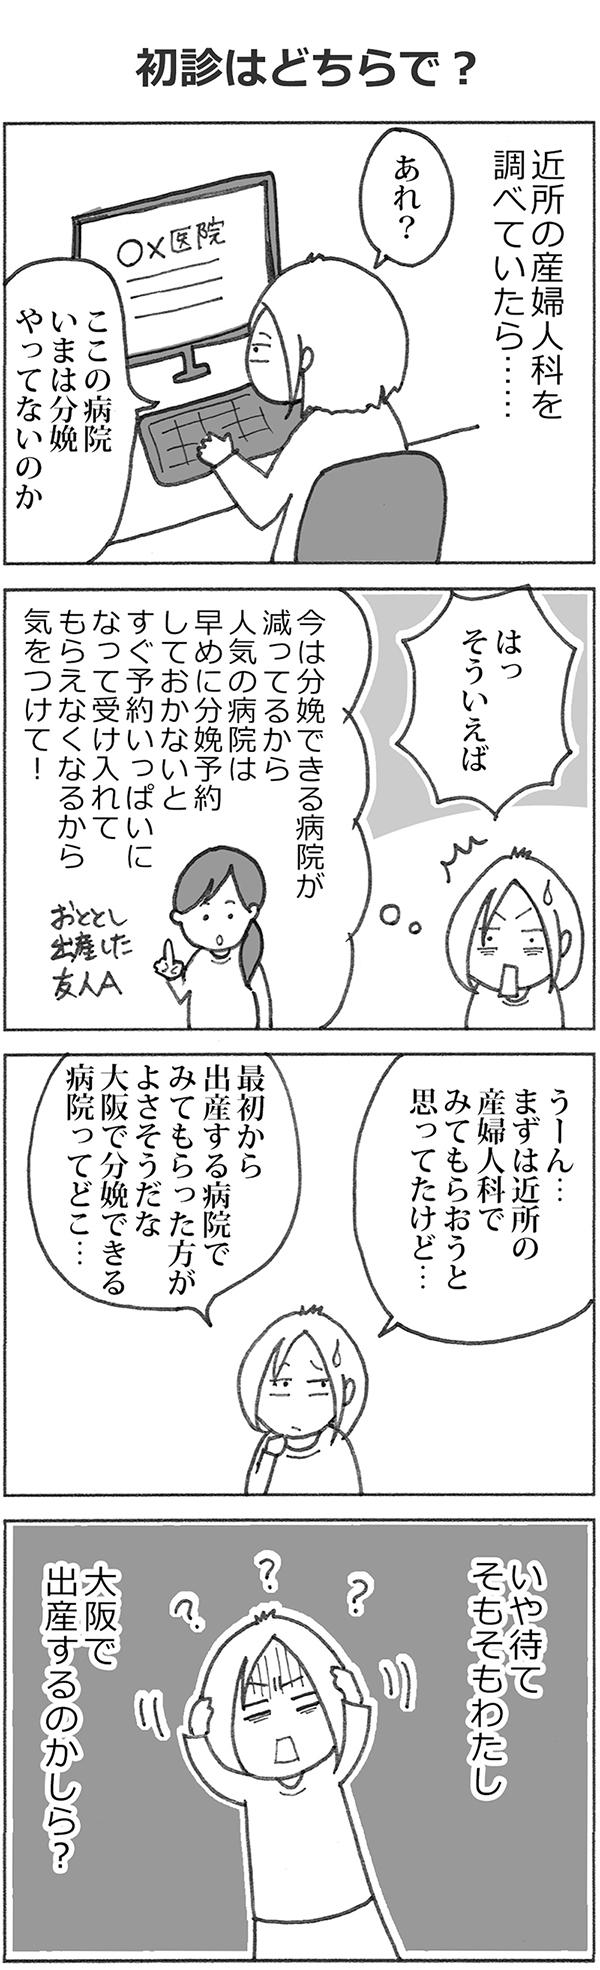 katakrico_2